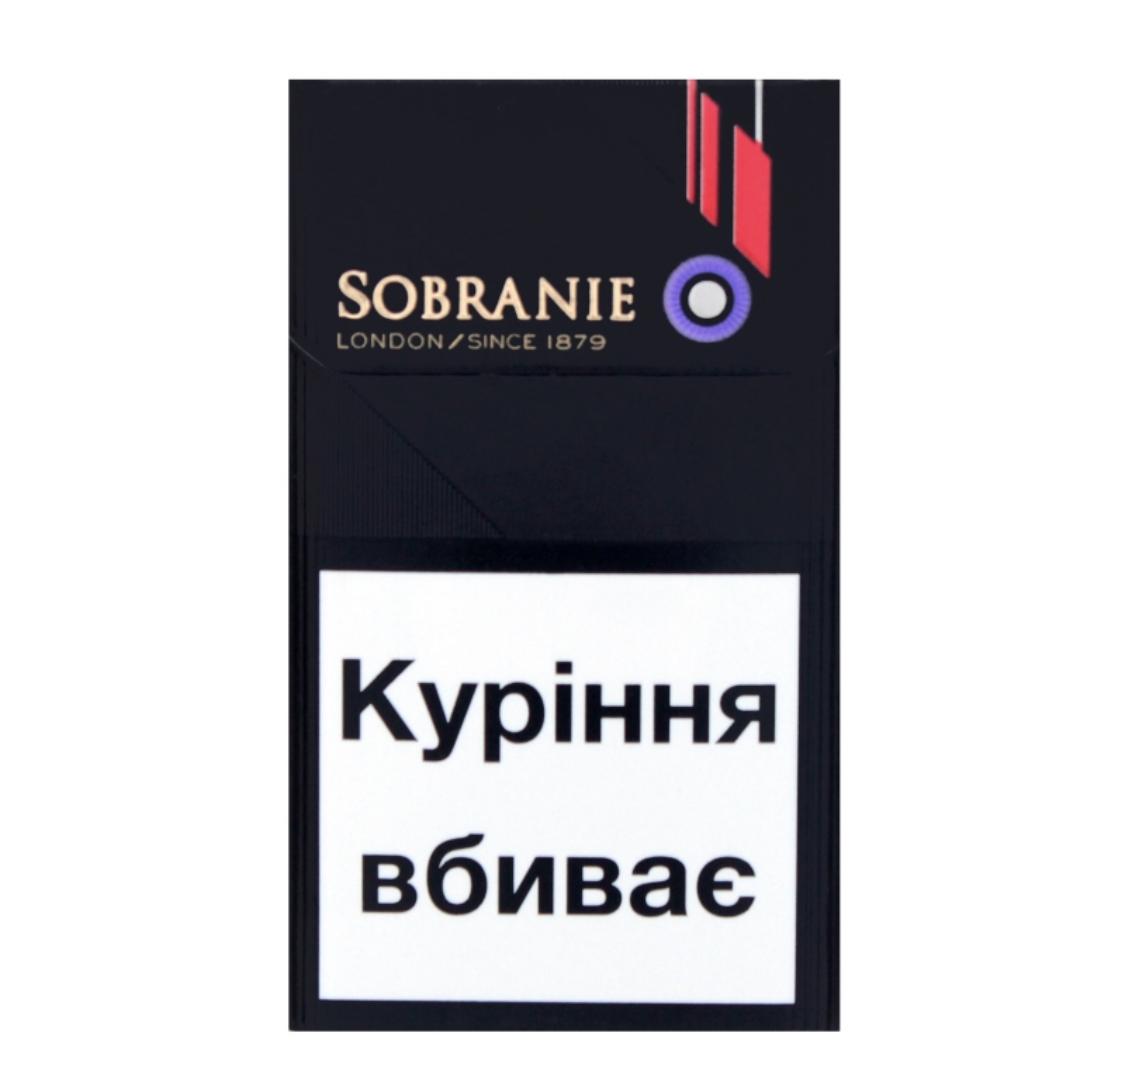 Купить сигареты собрание минск сигареты апатиты купить